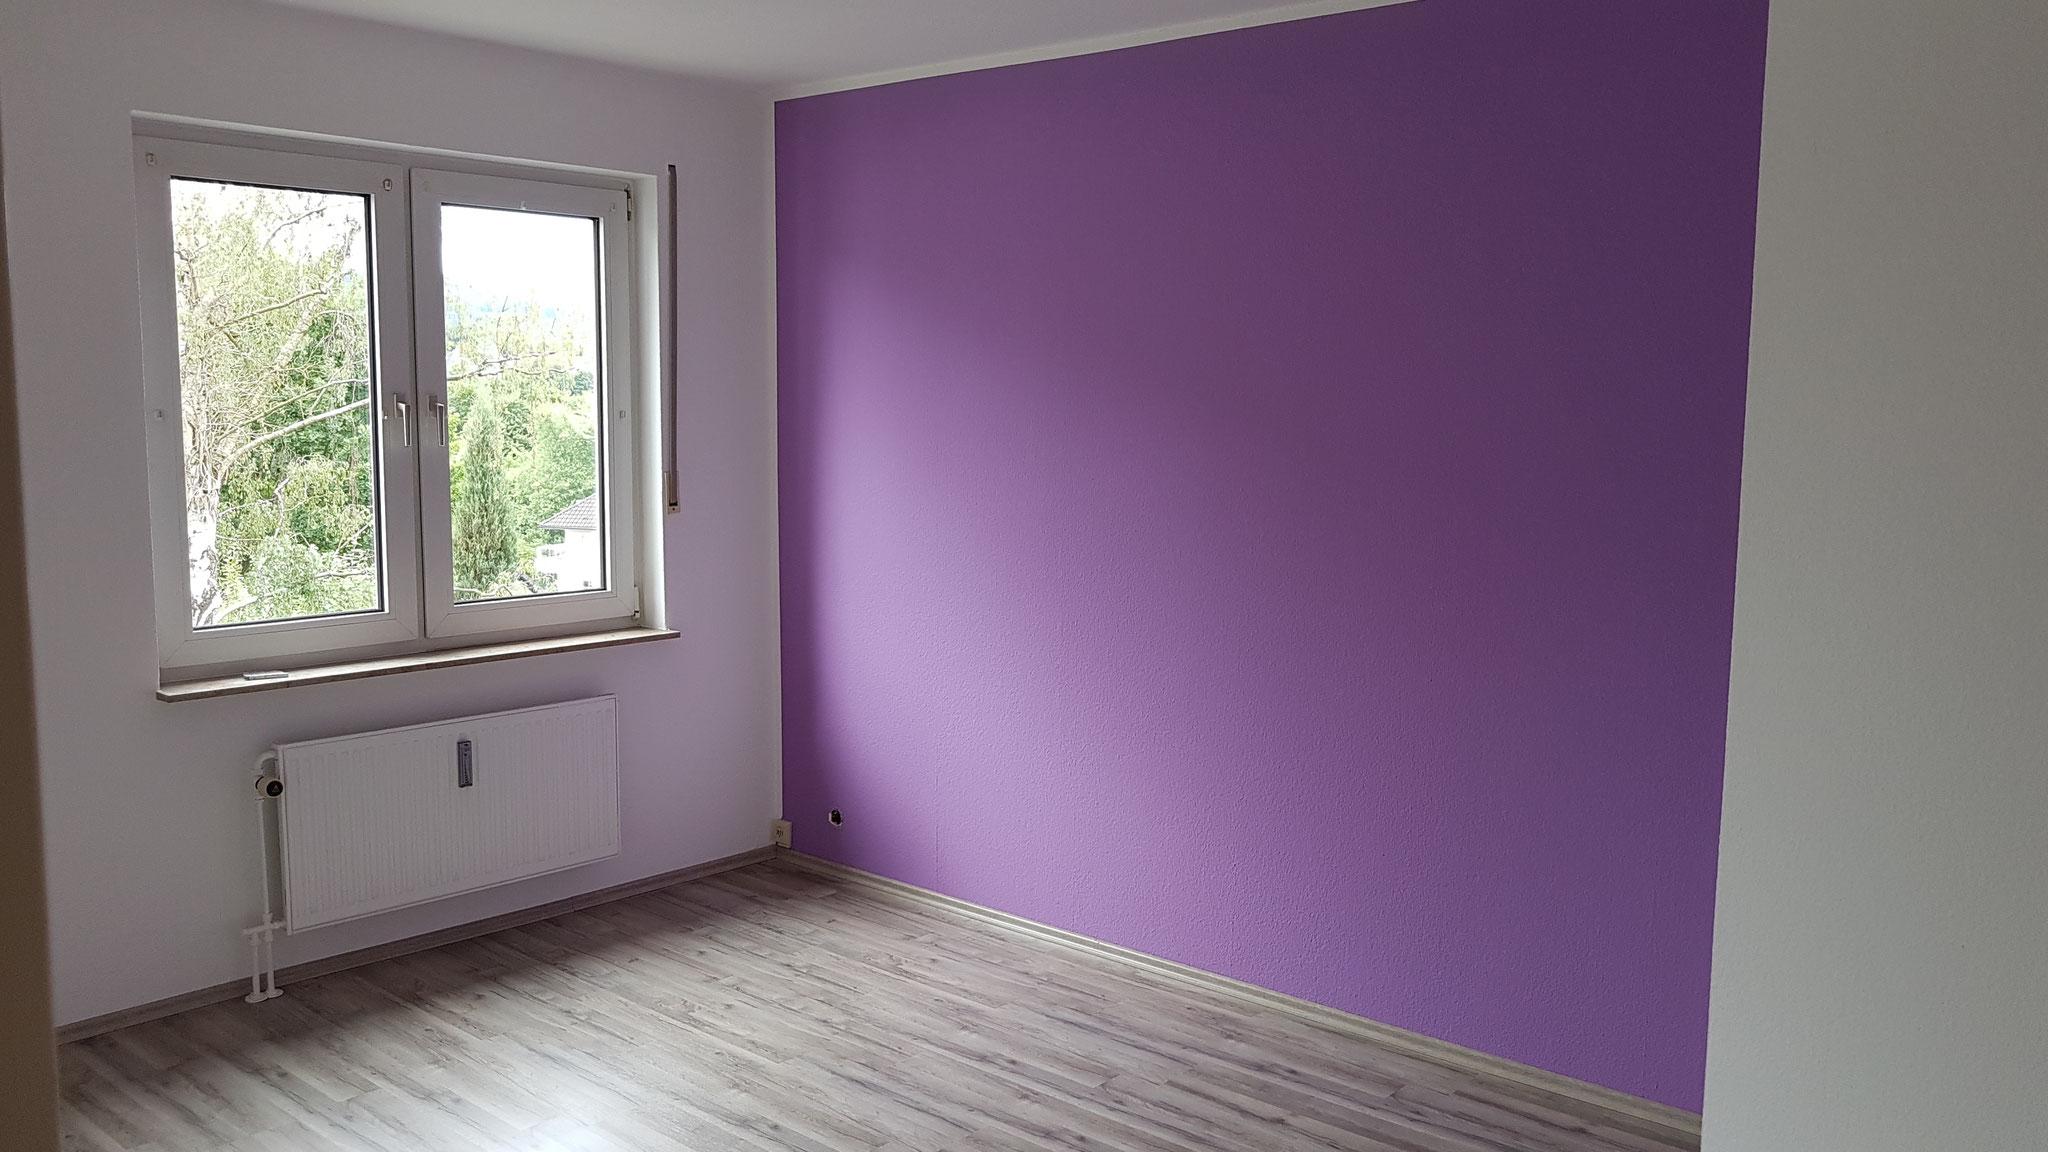 Nachher - Schlafzimmer mit neuem Boden und nach Kundenwunsch gestrichen